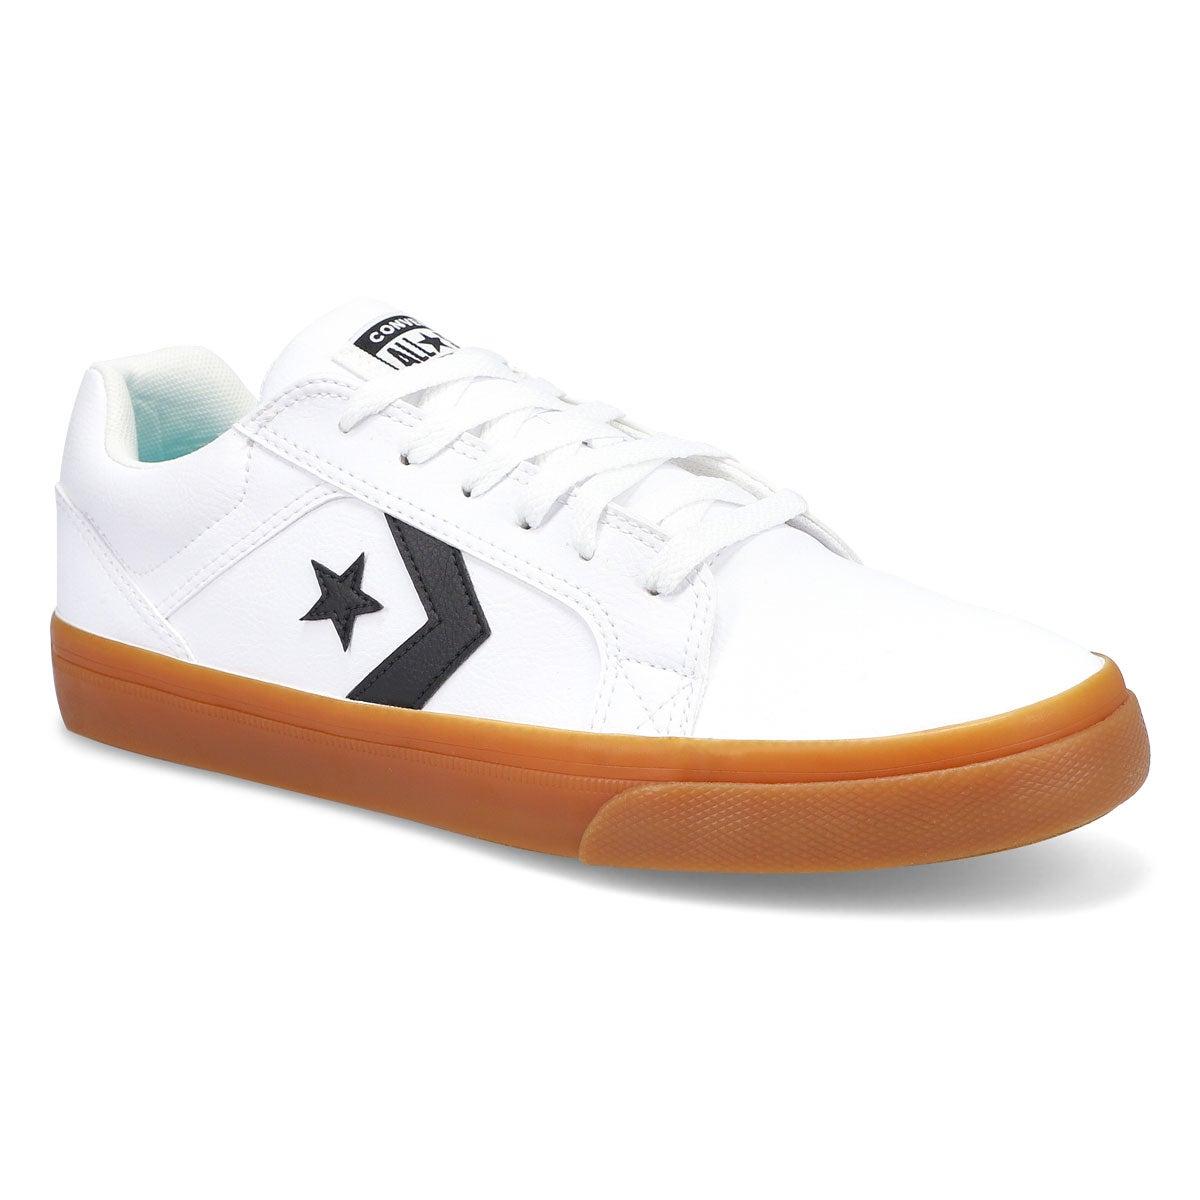 Men's El Distrito 2.0 Sneaker - White/Black/Gum